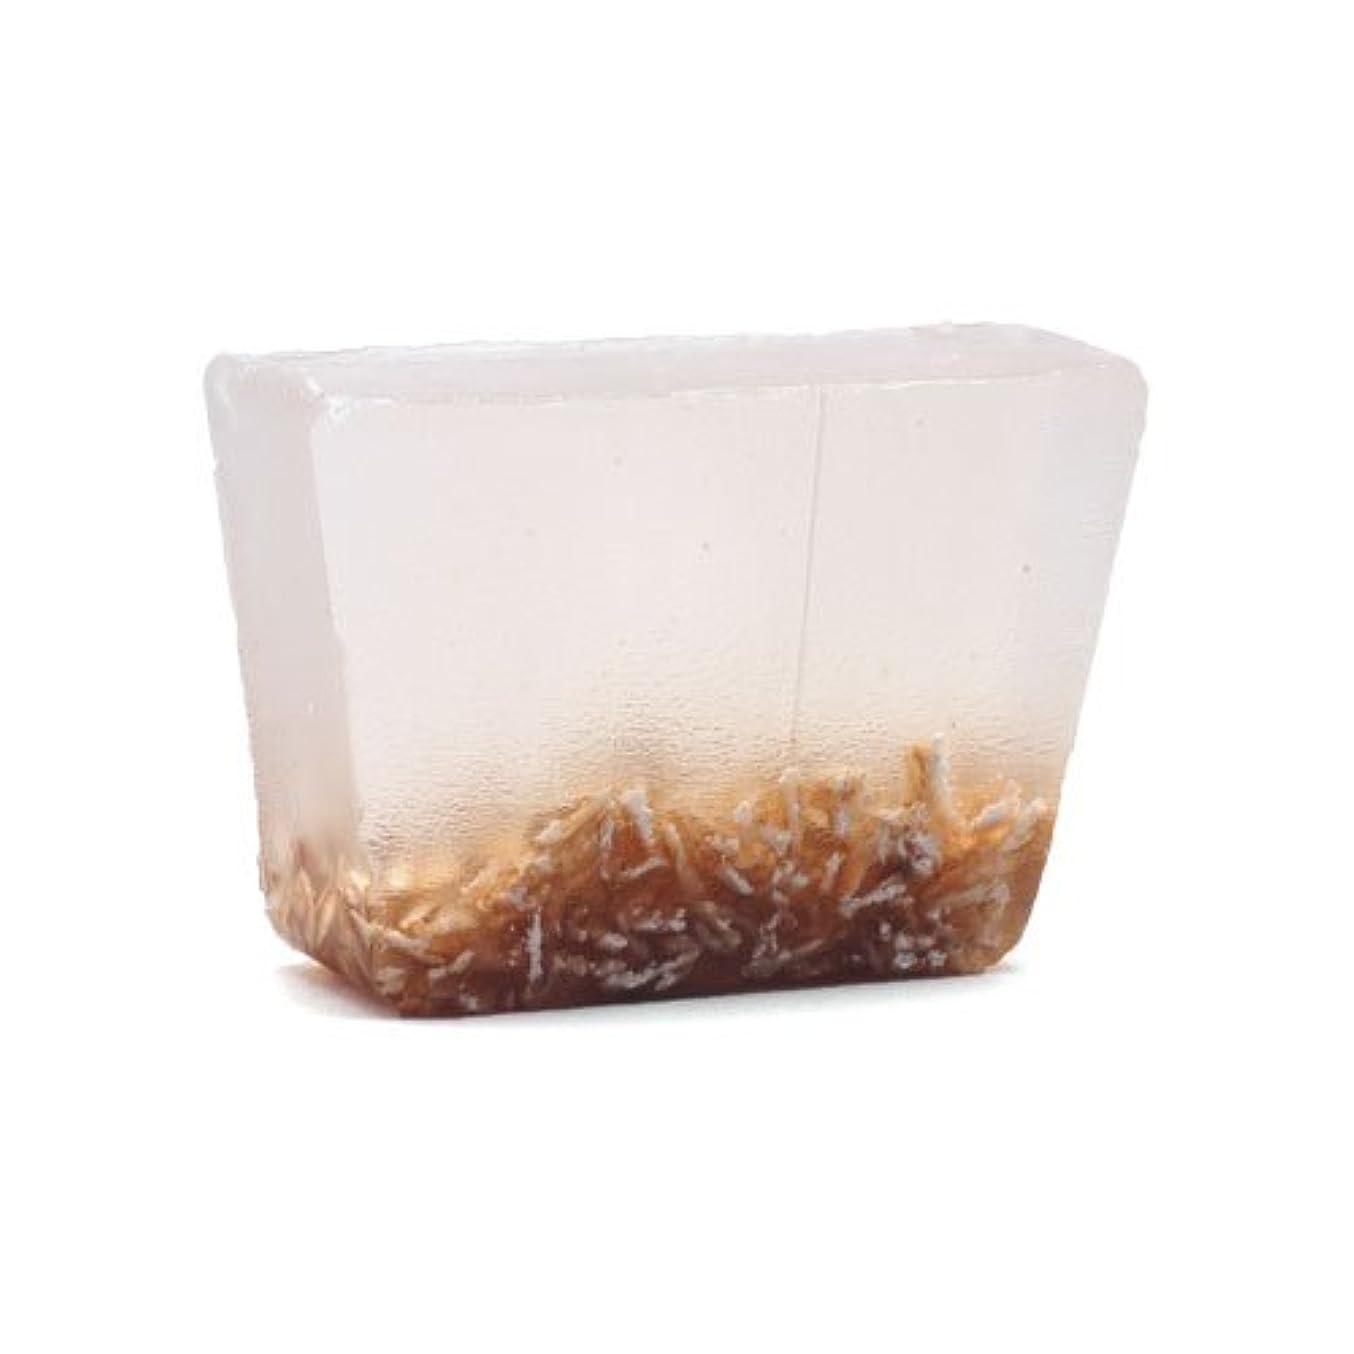 入力典型的な狭いプライモールエレメンツ アロマティック ミニソープ ラベンダーオートミール 80g 植物性 ナチュラル 石鹸 無添加